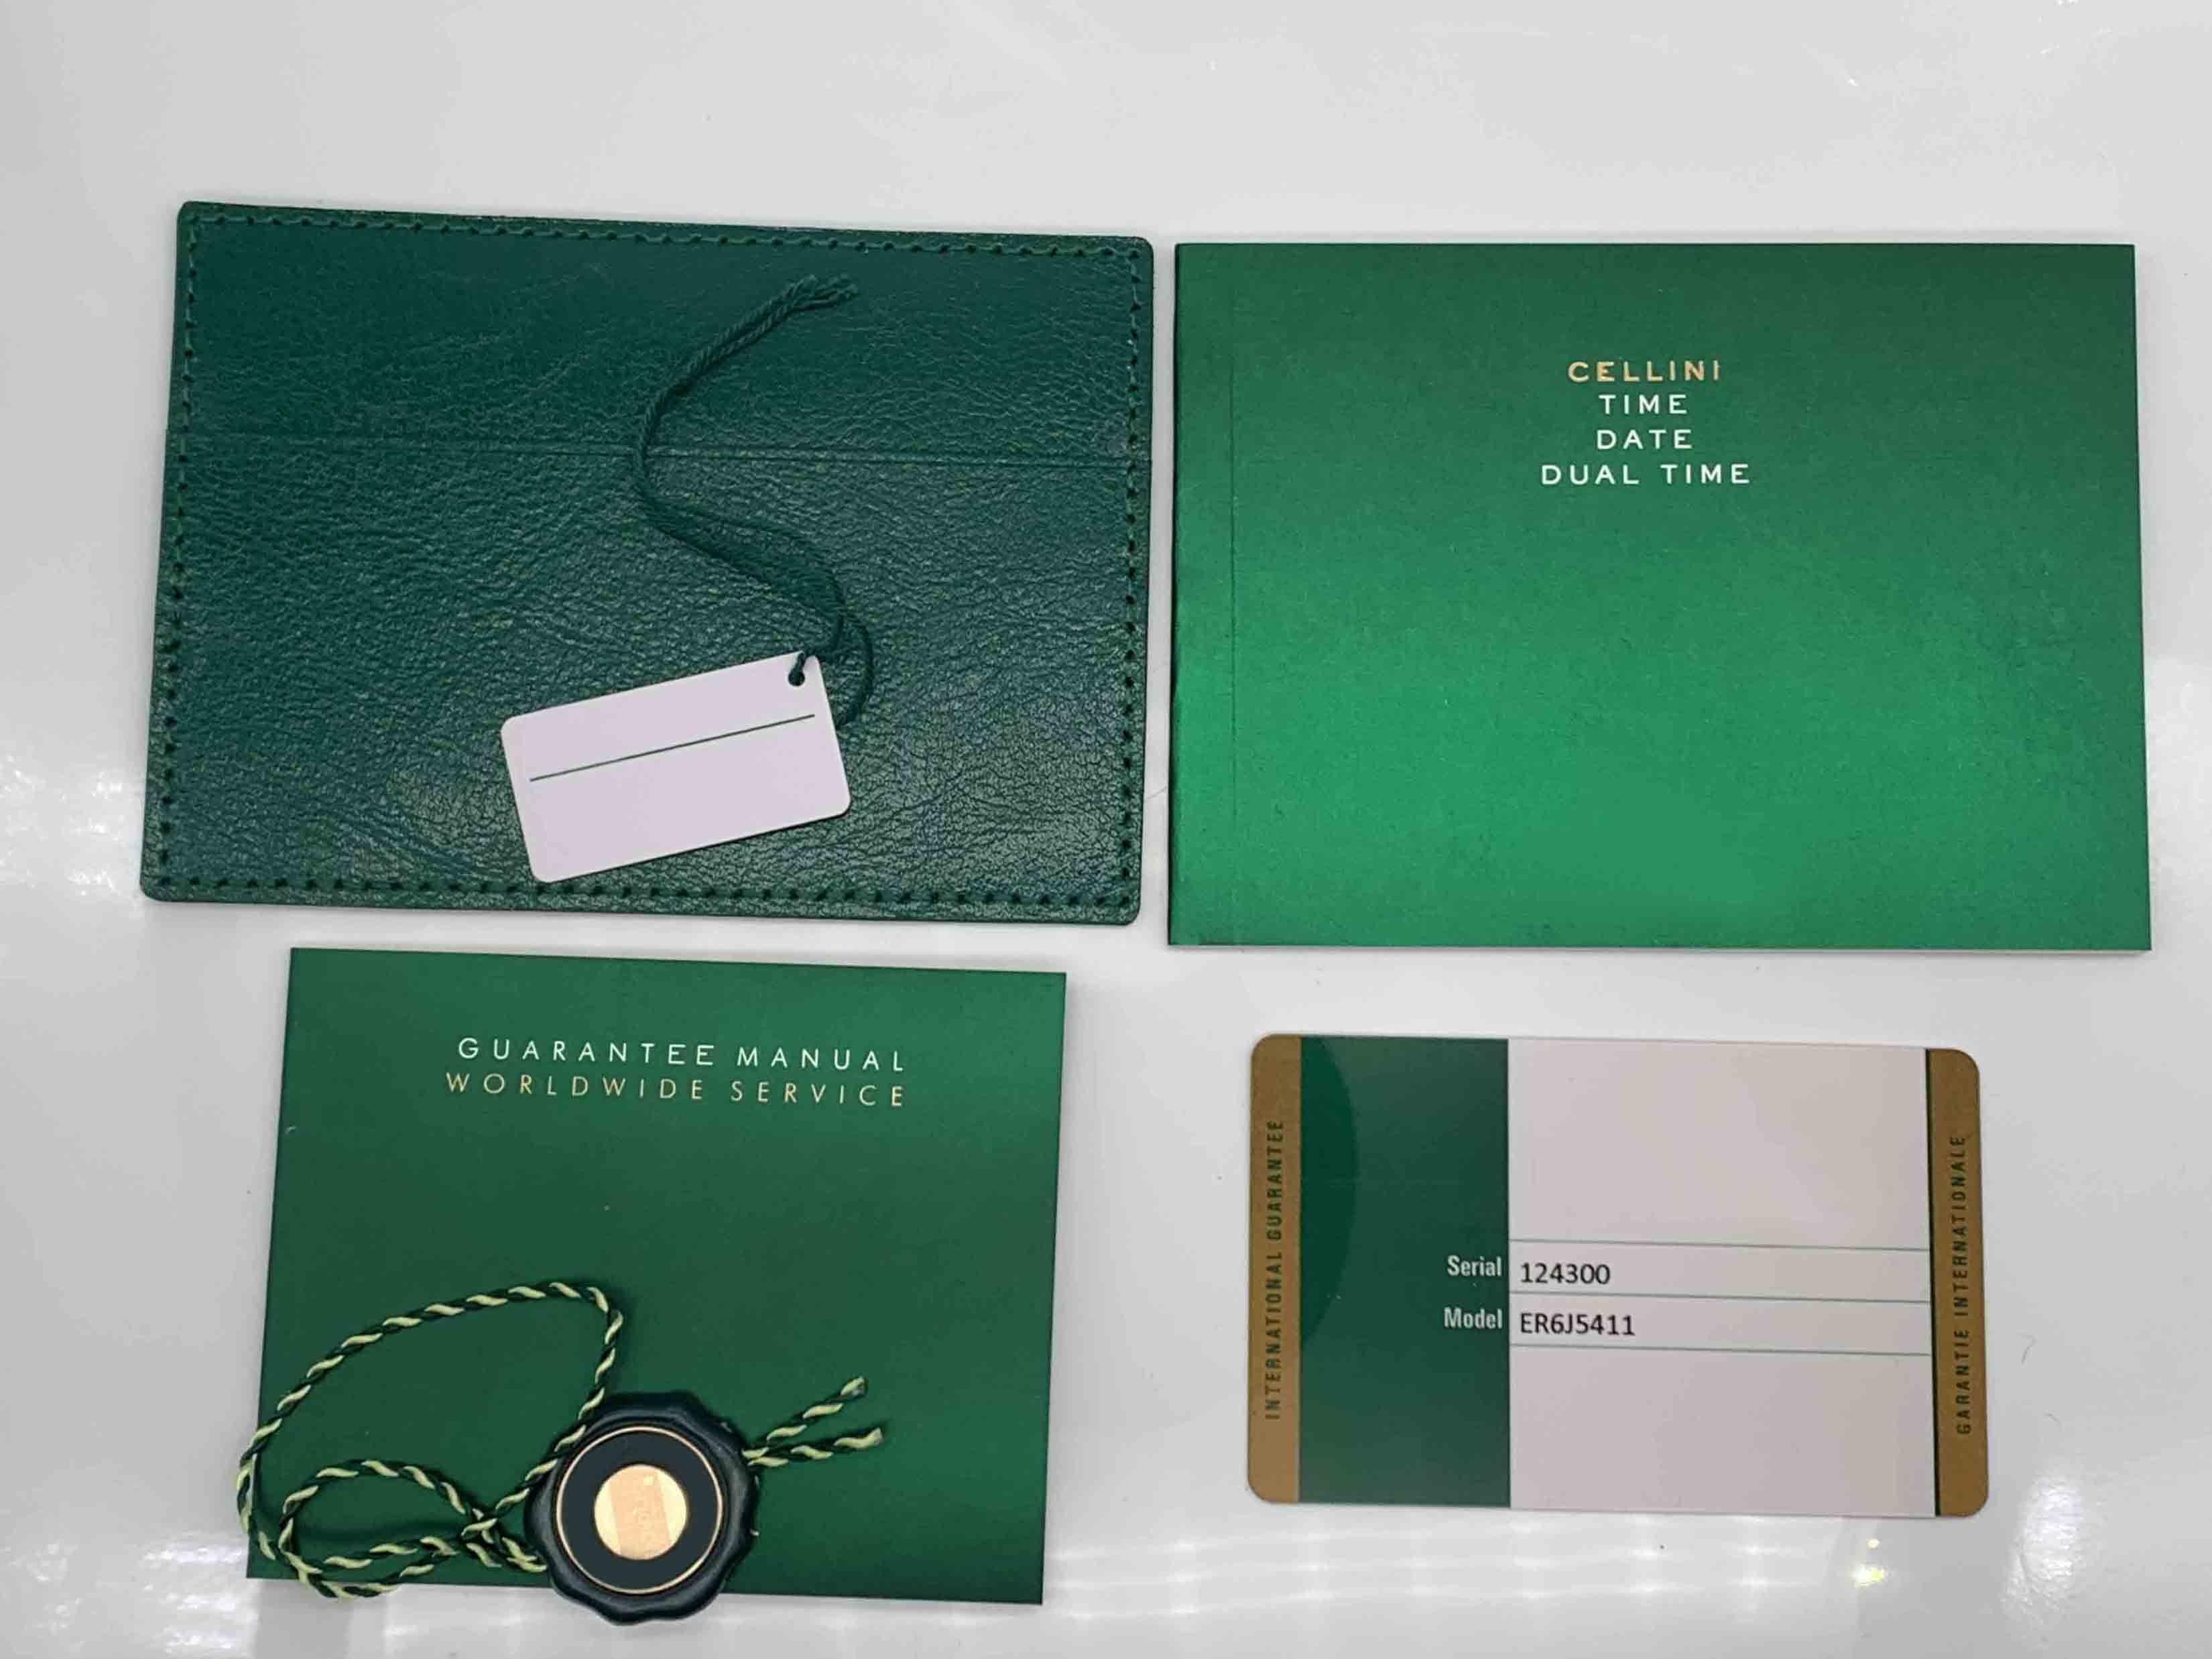 Original Correct Correct Brochure Vert Carte de sécurité Boîte de surveillance de la carte de sécurité pour les boîtes Groettes Imprimer Imprimer Cartes personnalisées Cadeau